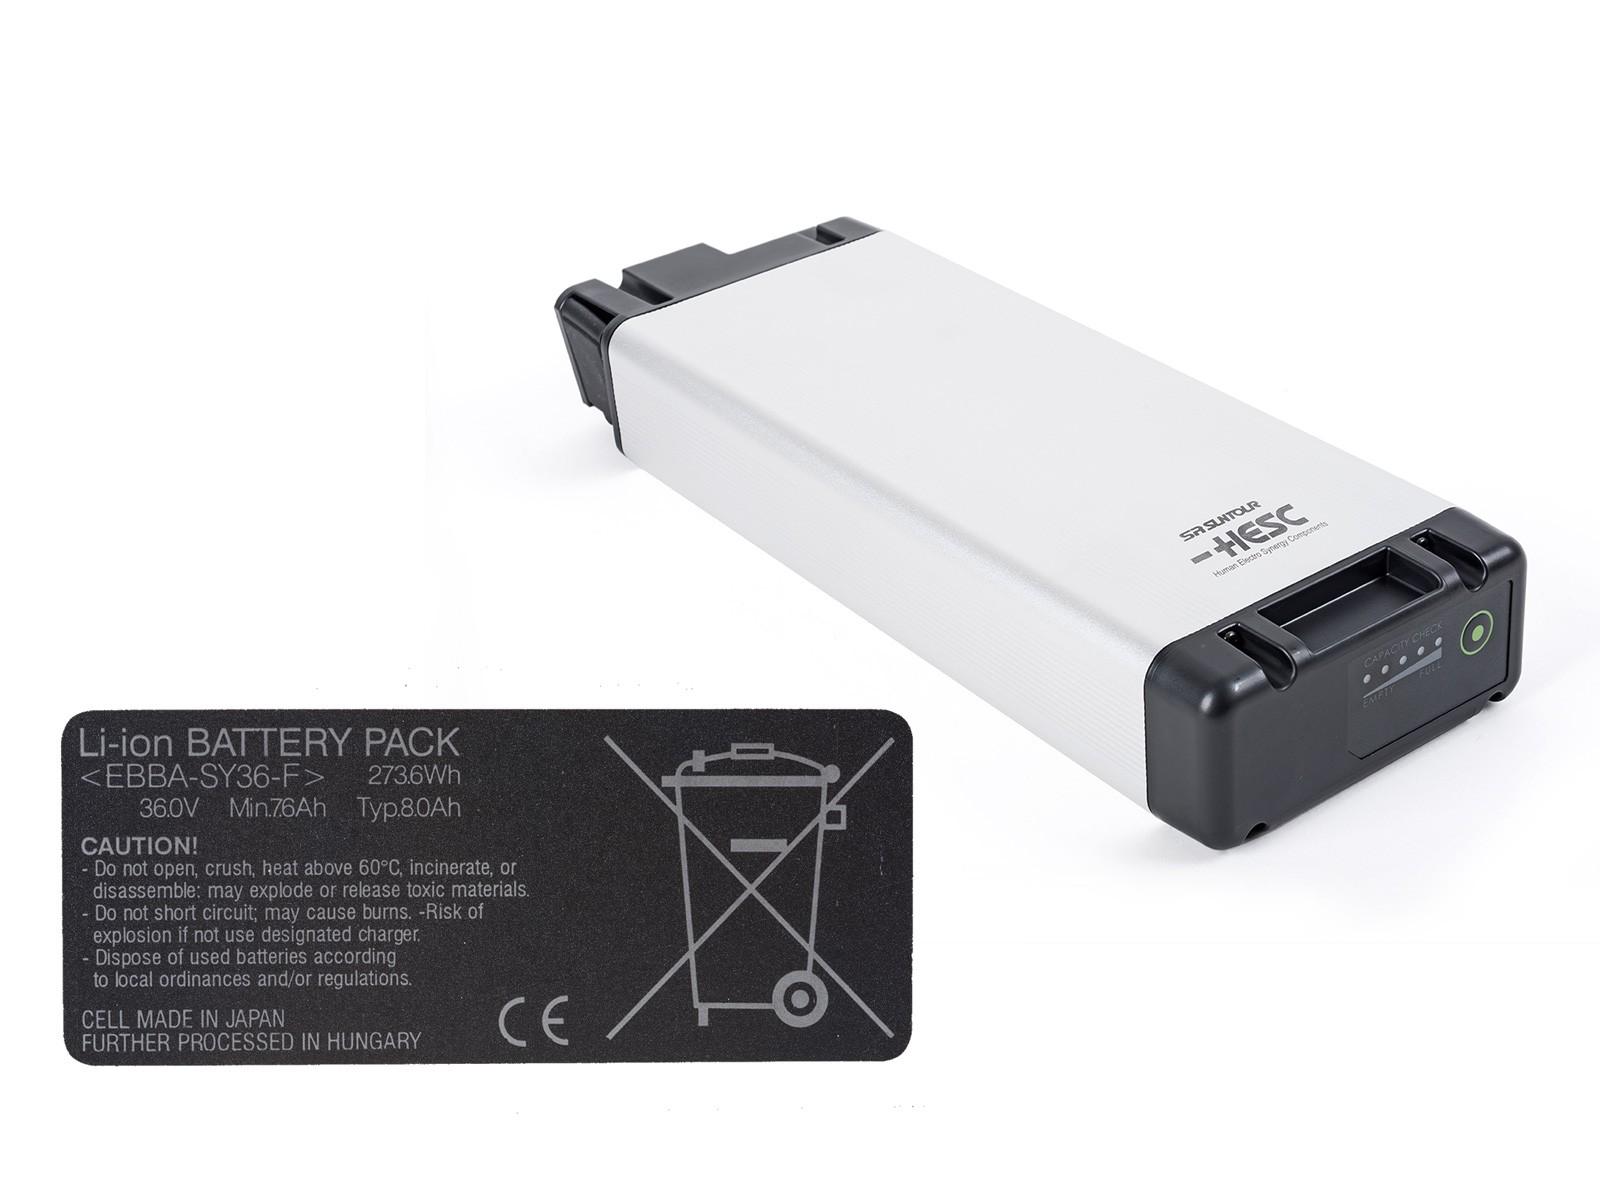 Author Baterie Sanyo Li-ion, 36V, 8,0 AH, 290Wh 2014 černá Author